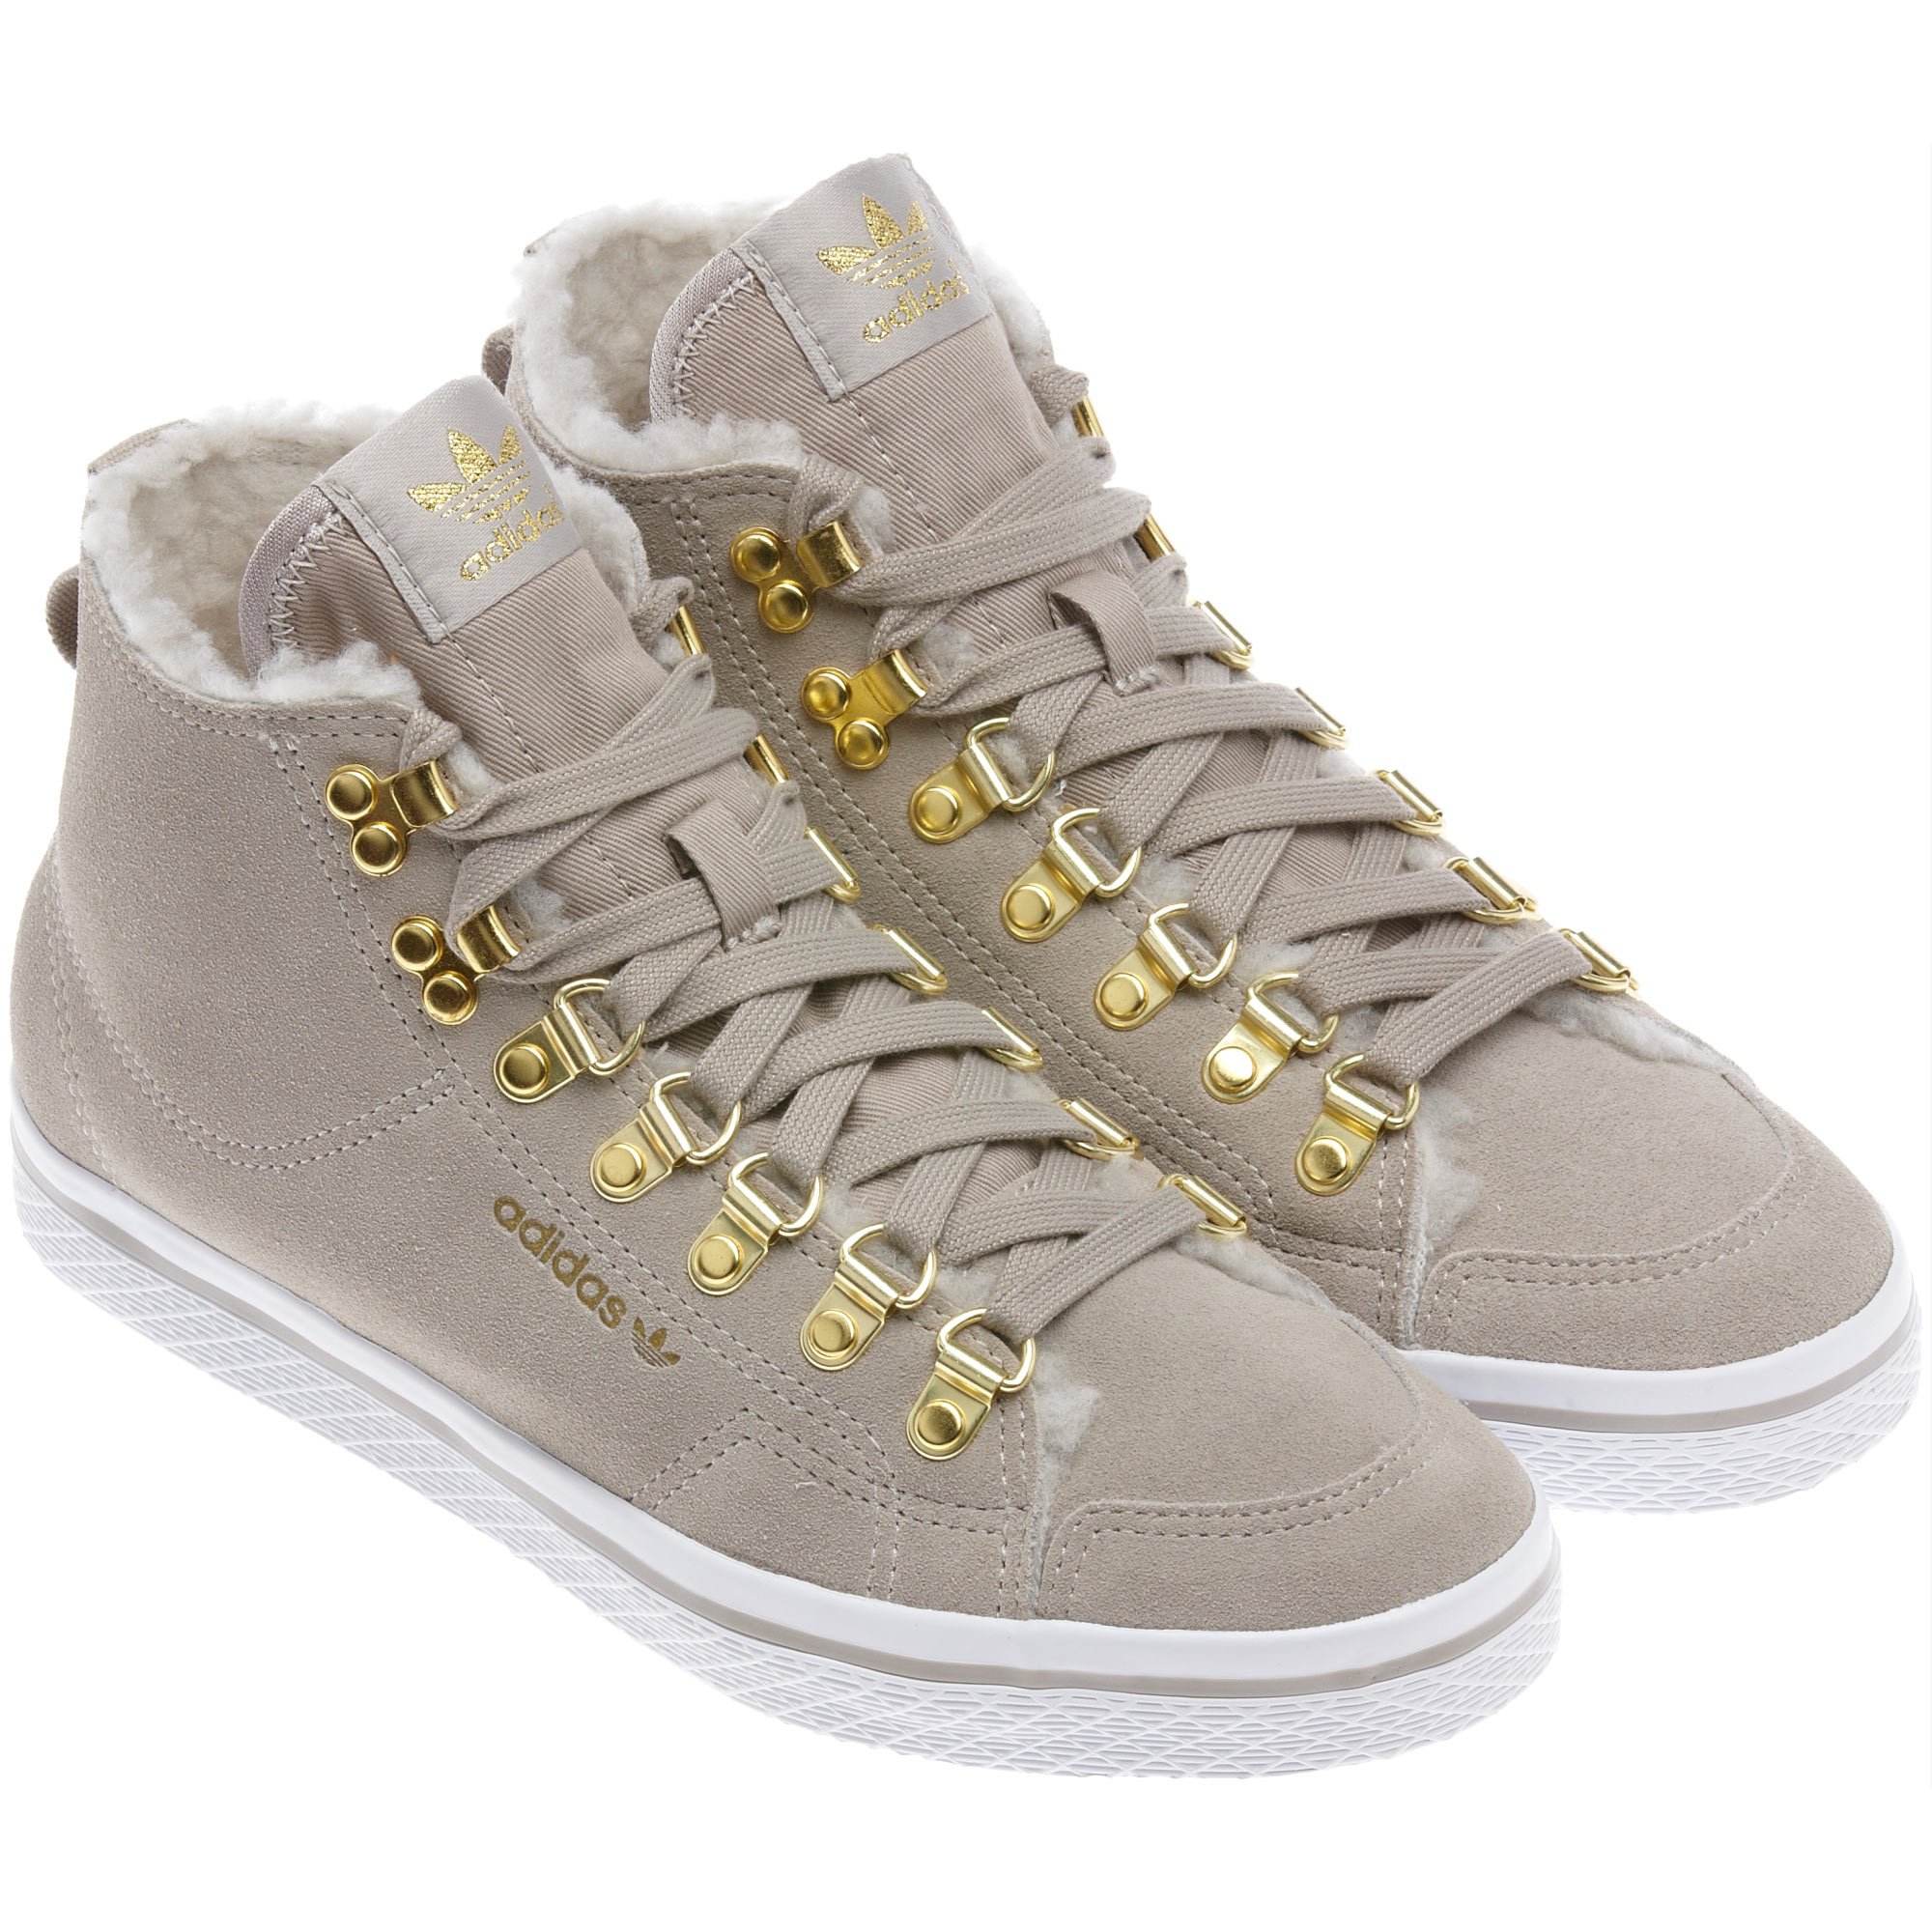 zapatillas adidas verano 2014